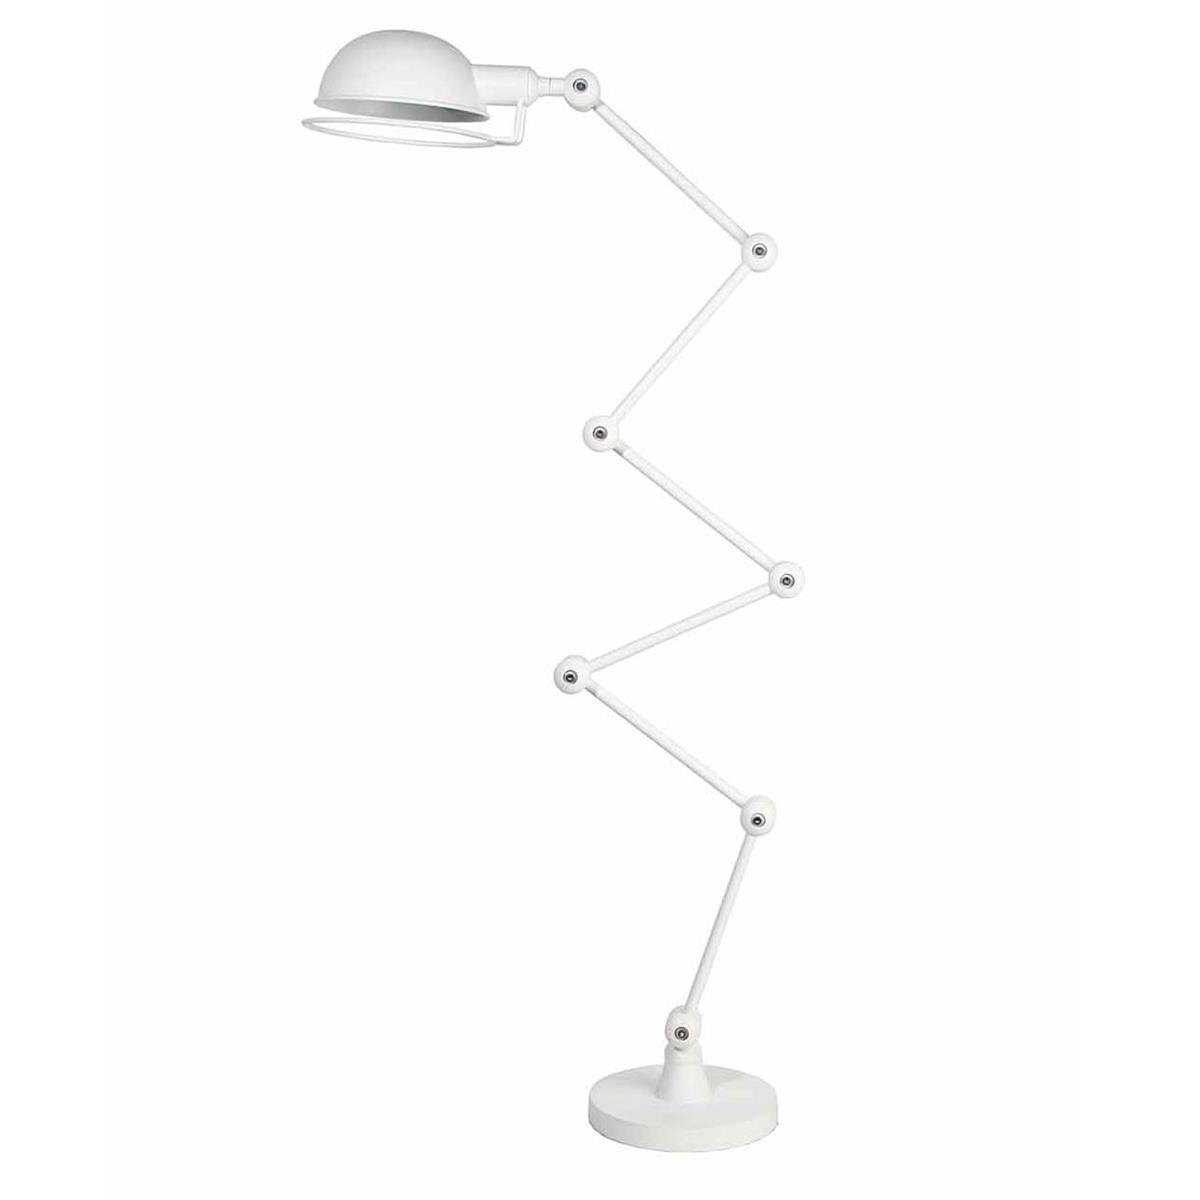 Zig-zag floor lamp 01 - на 360.ru: цены, описание, характеристики, где купить в Москве.